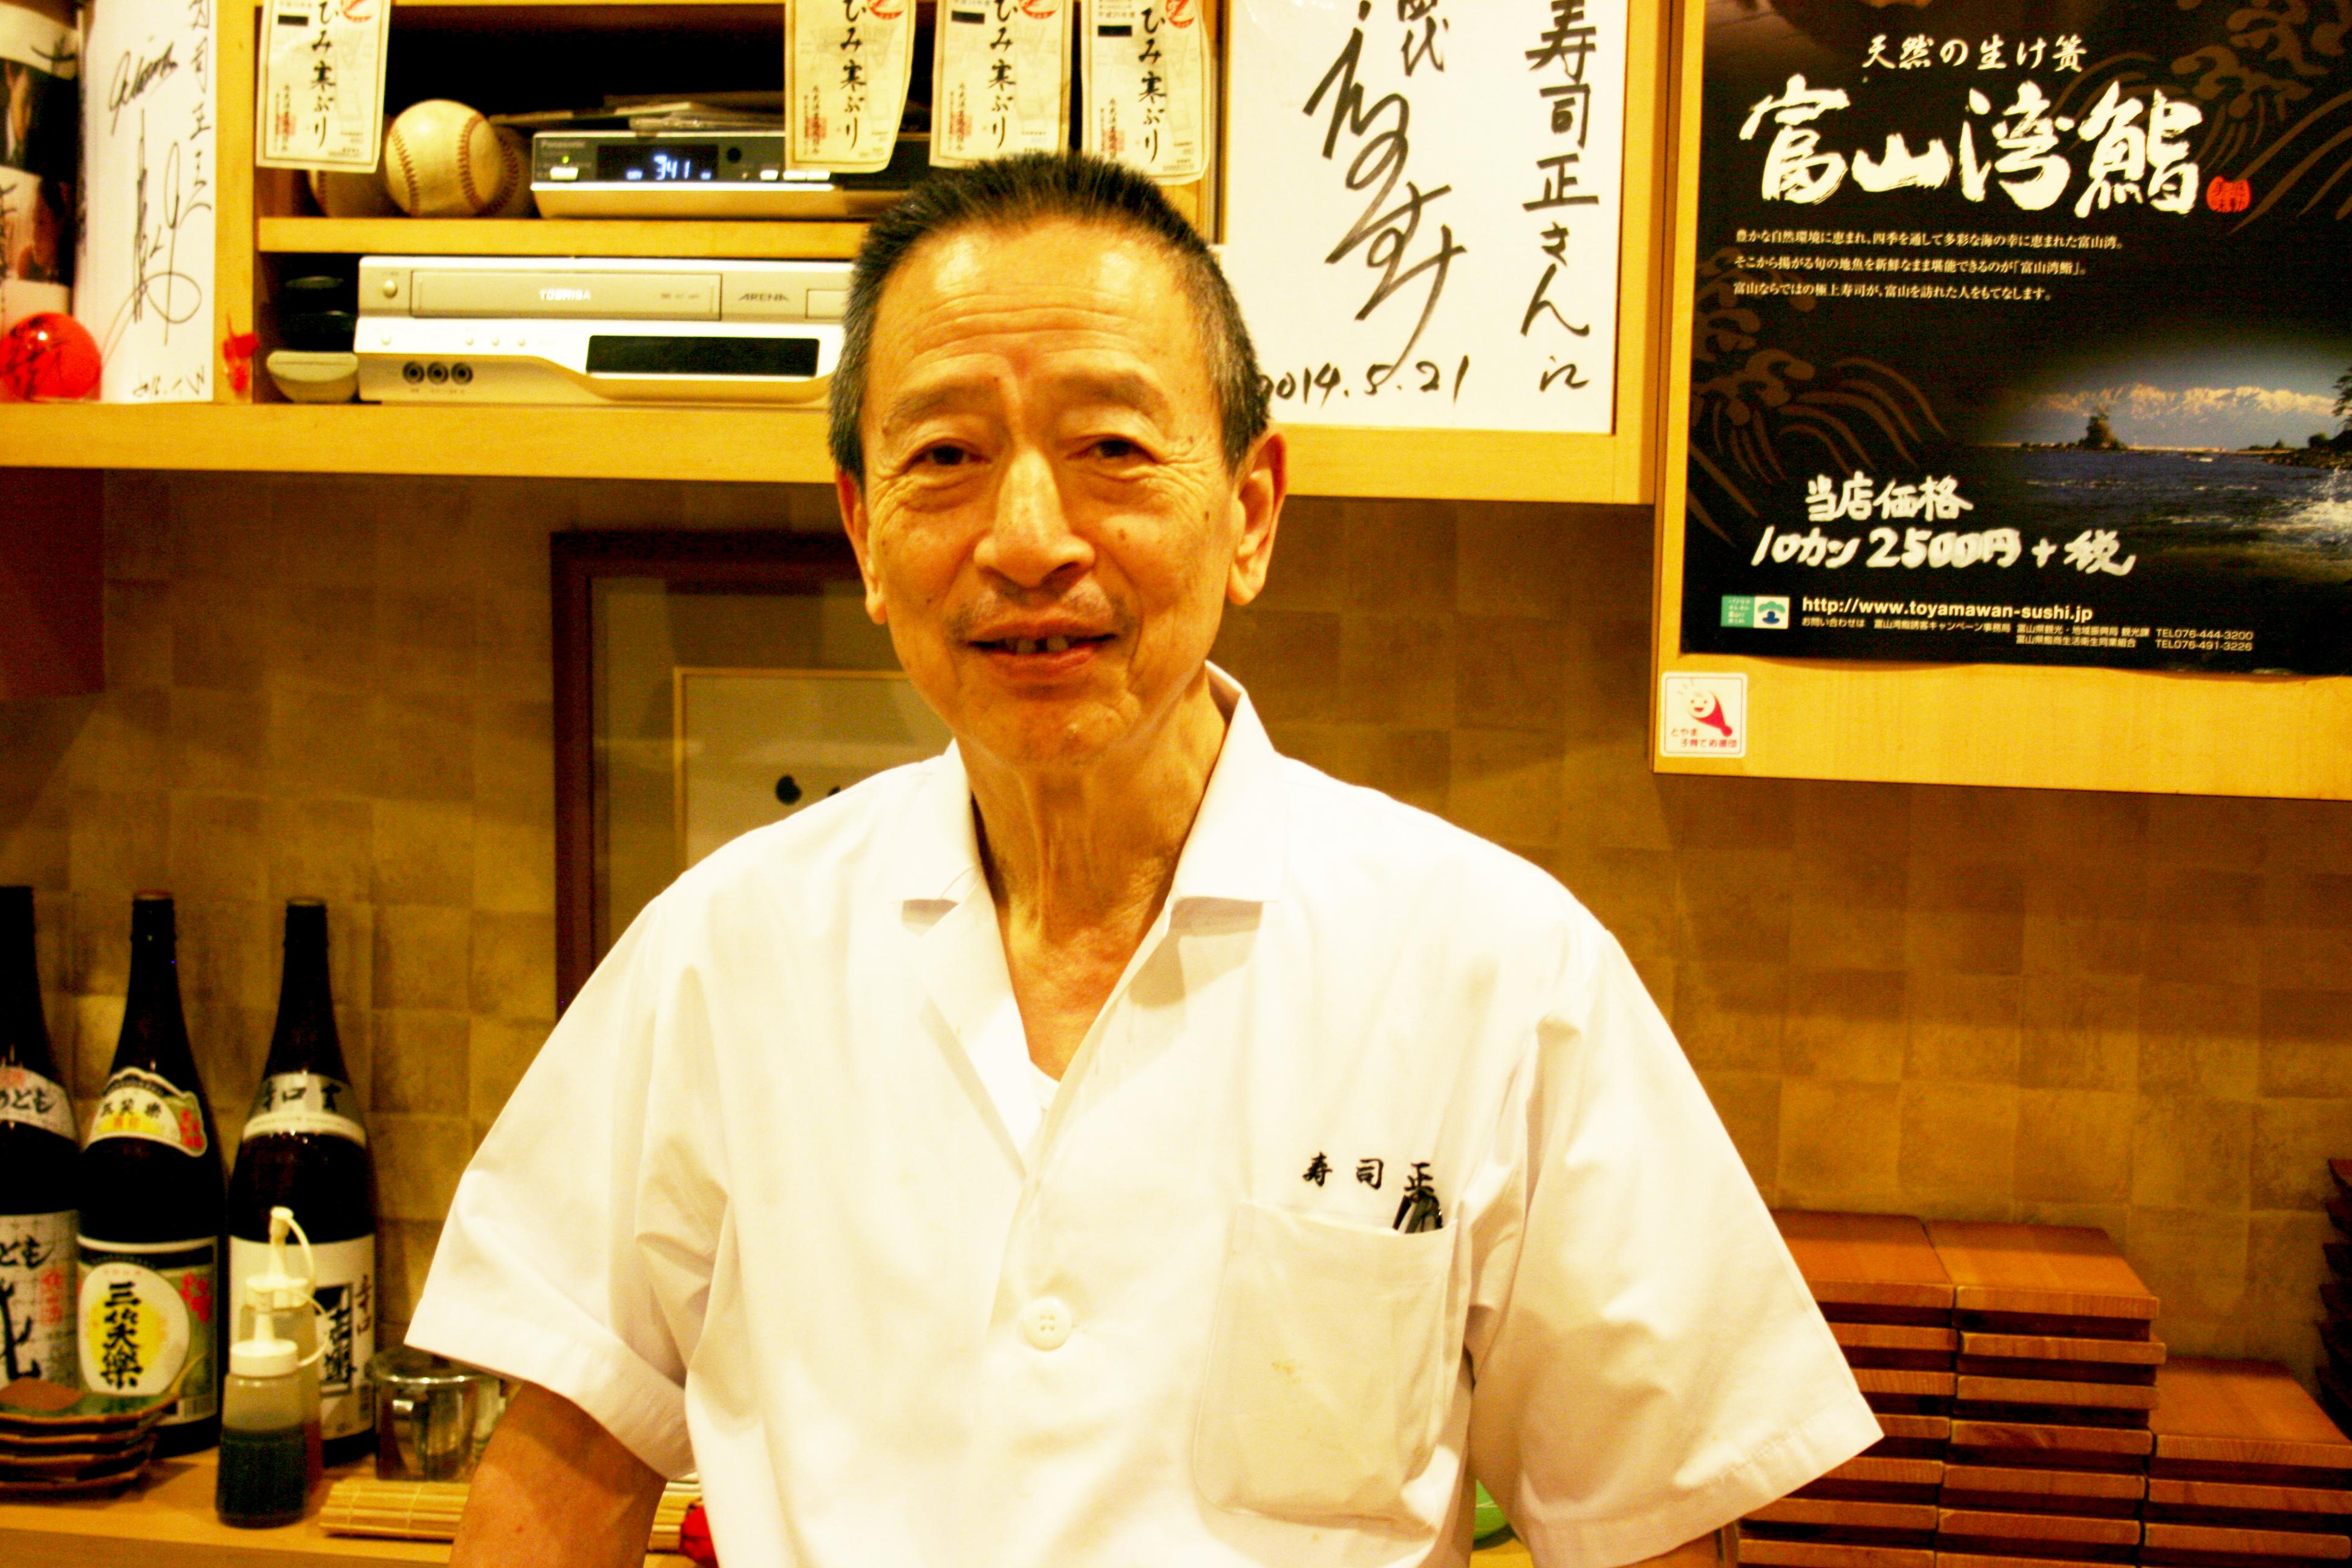 http://www.toyamawan-sushi.jp/blog/IMG_4726.JPG